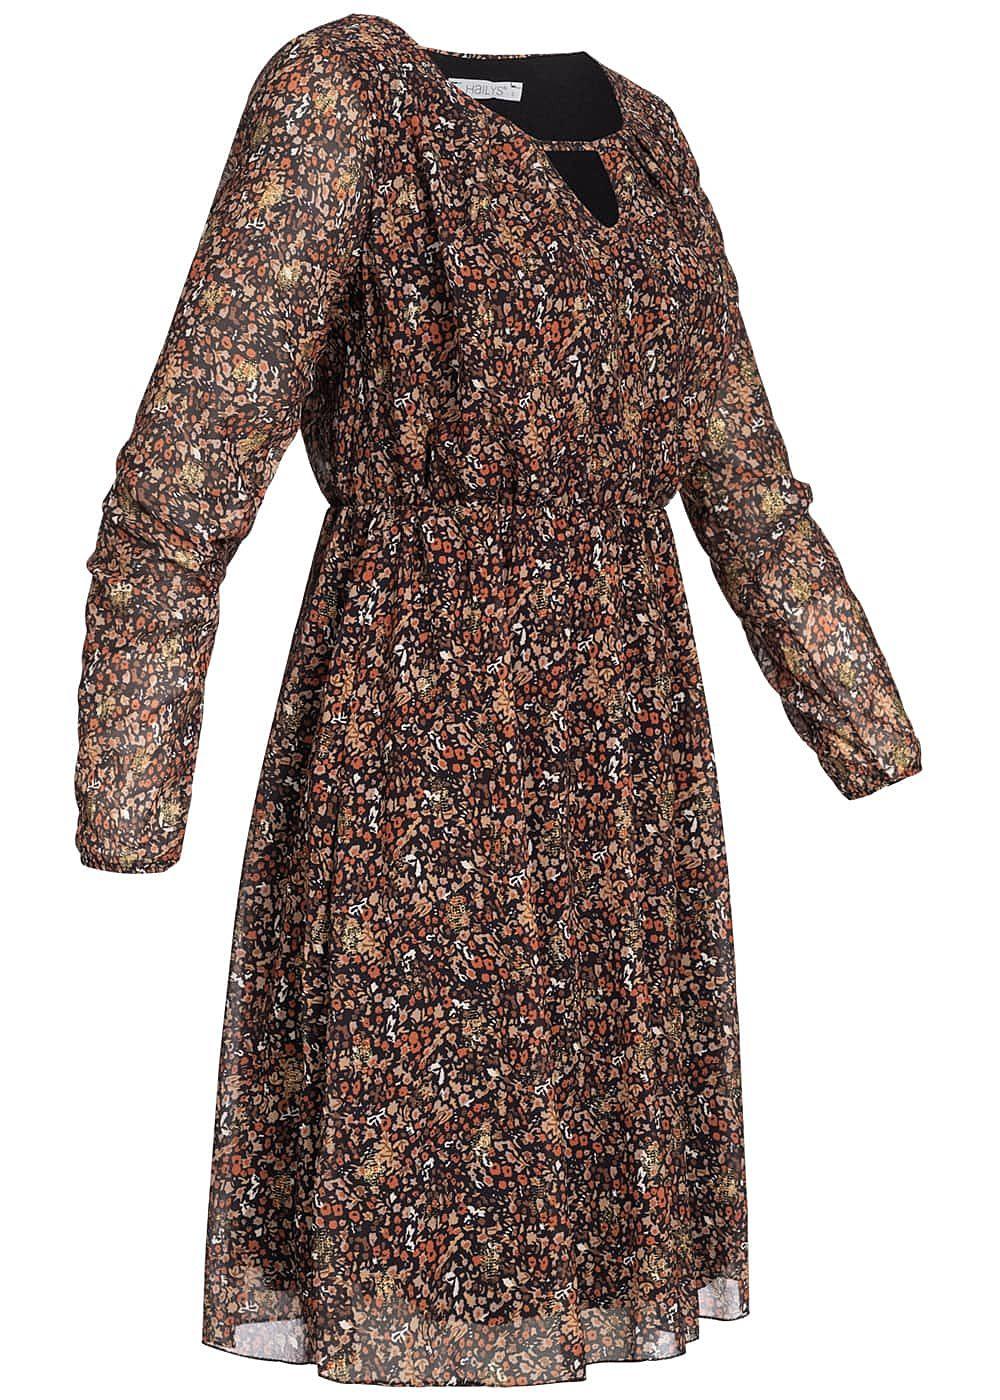 Hailys Damen Chiffon Kleid Herbst Print Glitzer Detail 2